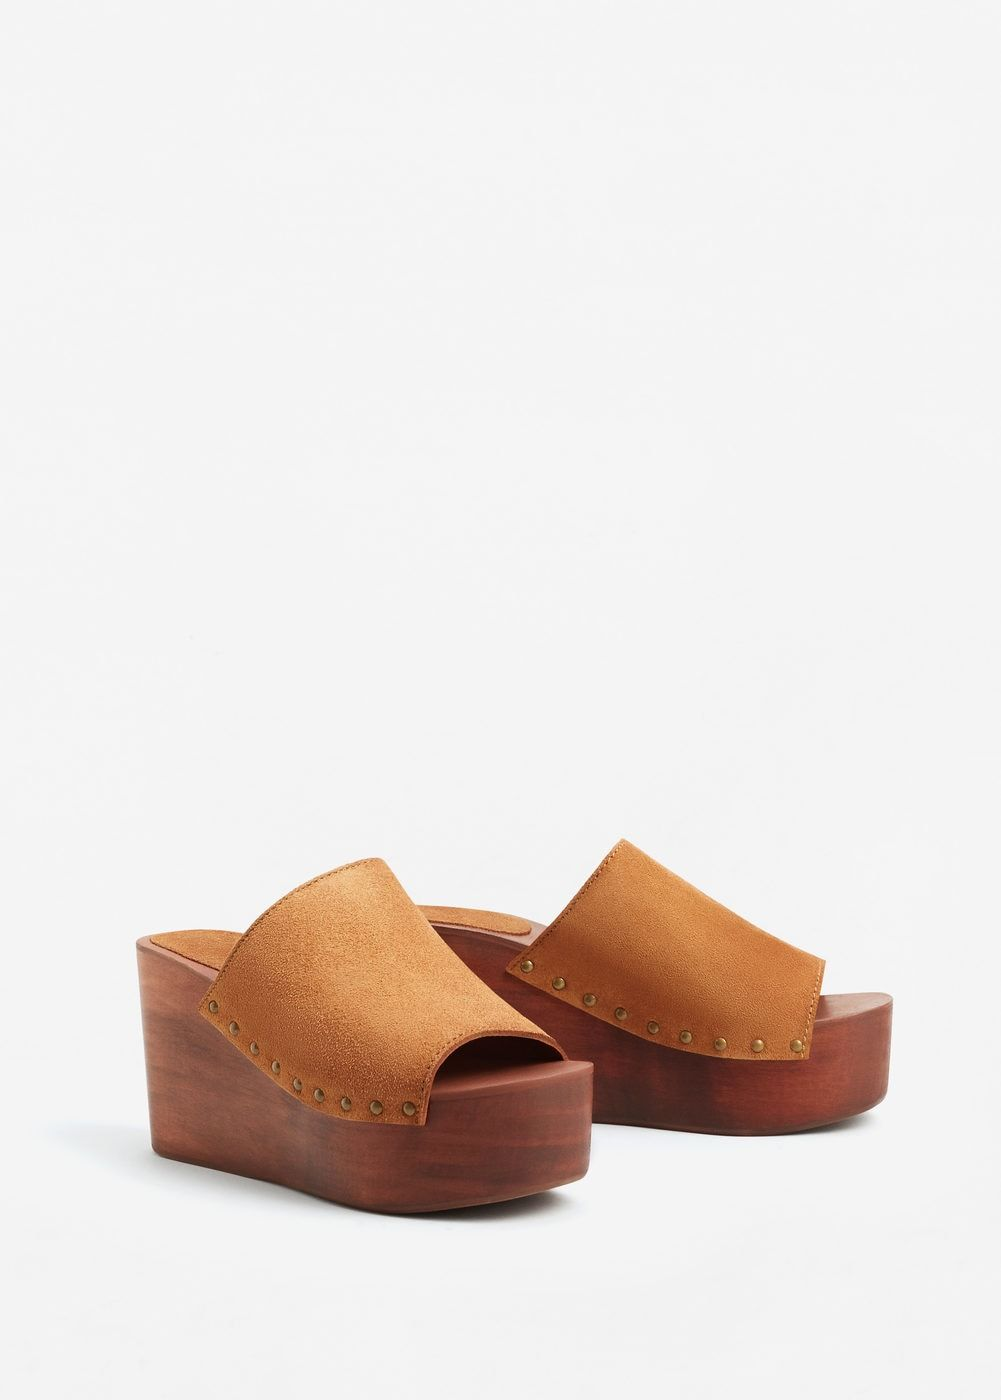 Skorzane Buty Na Drewnianym Koturnie Kobieta Mango Polska Leather Wedges Wood Heel Shoes Shoes Heels Wedges